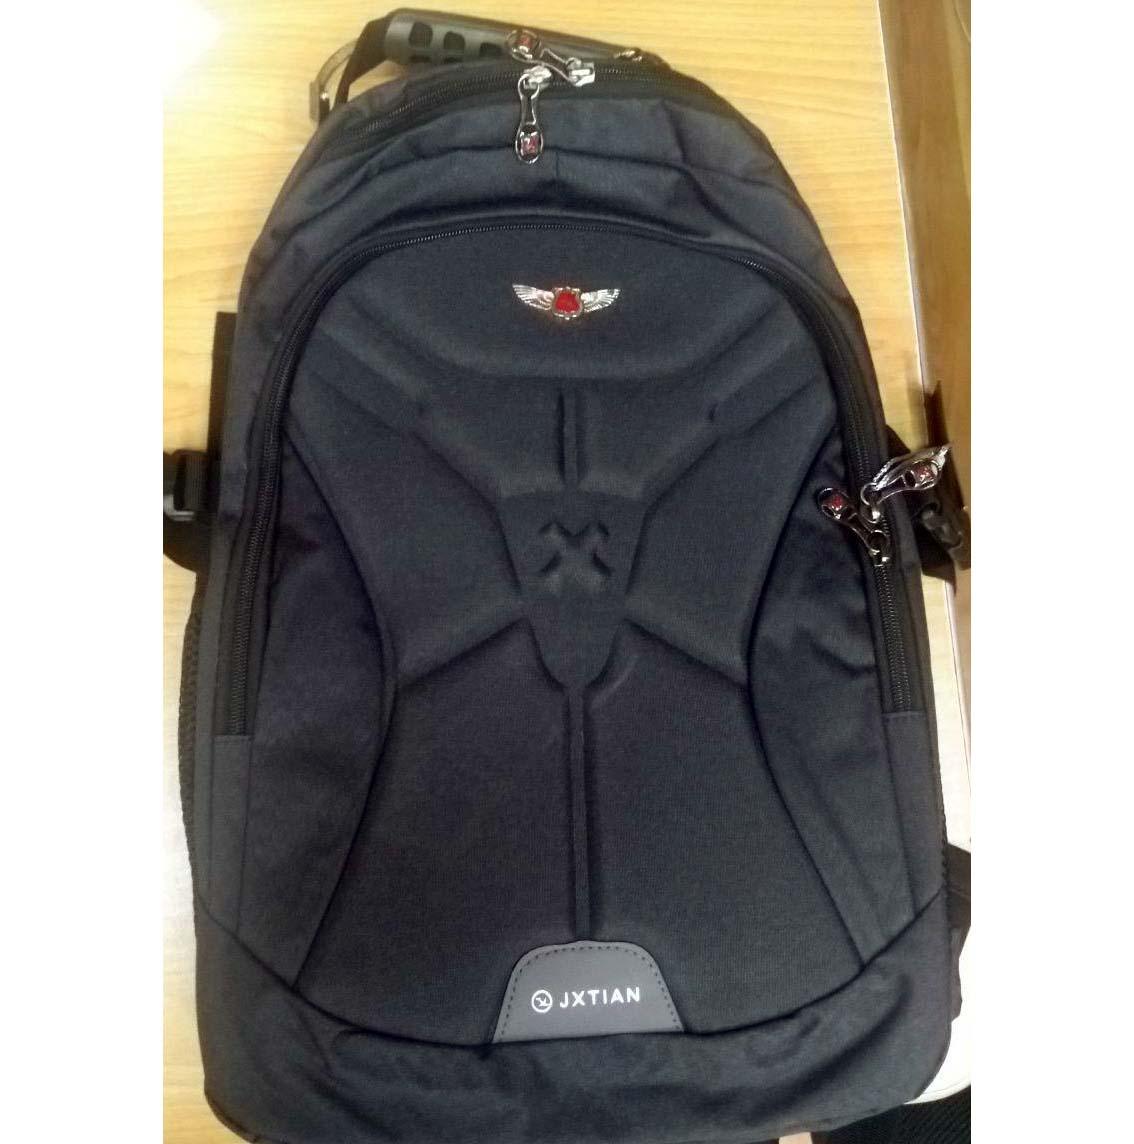 NOTEBOOK BAG JXTIAN 15.6 COLOR+AUX ظهر ,Laptop Bag